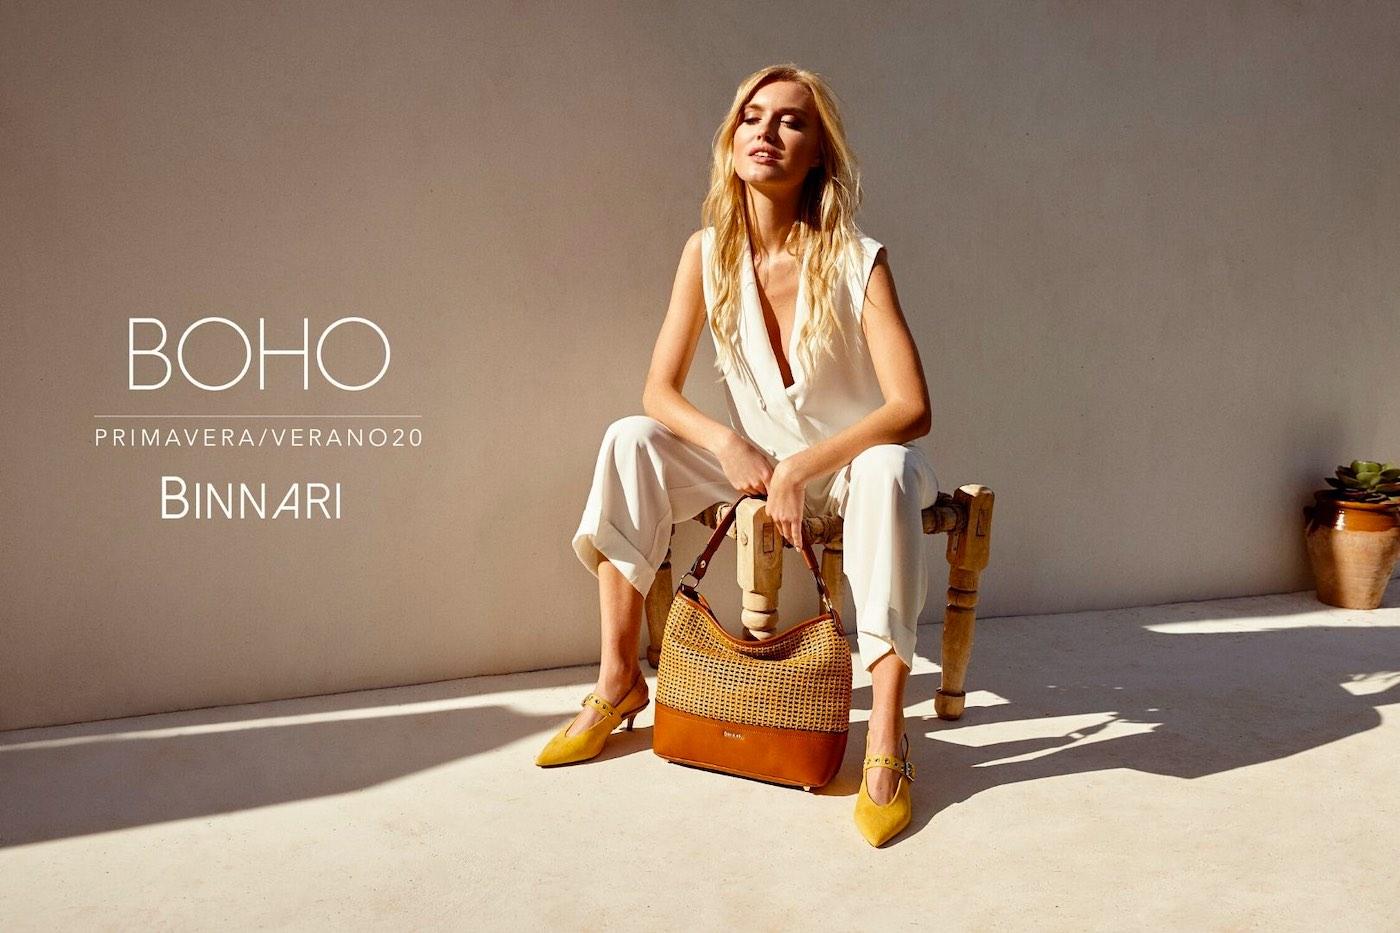 Colección Boho: lo más nuevo de Binnari para esta nueva temporada